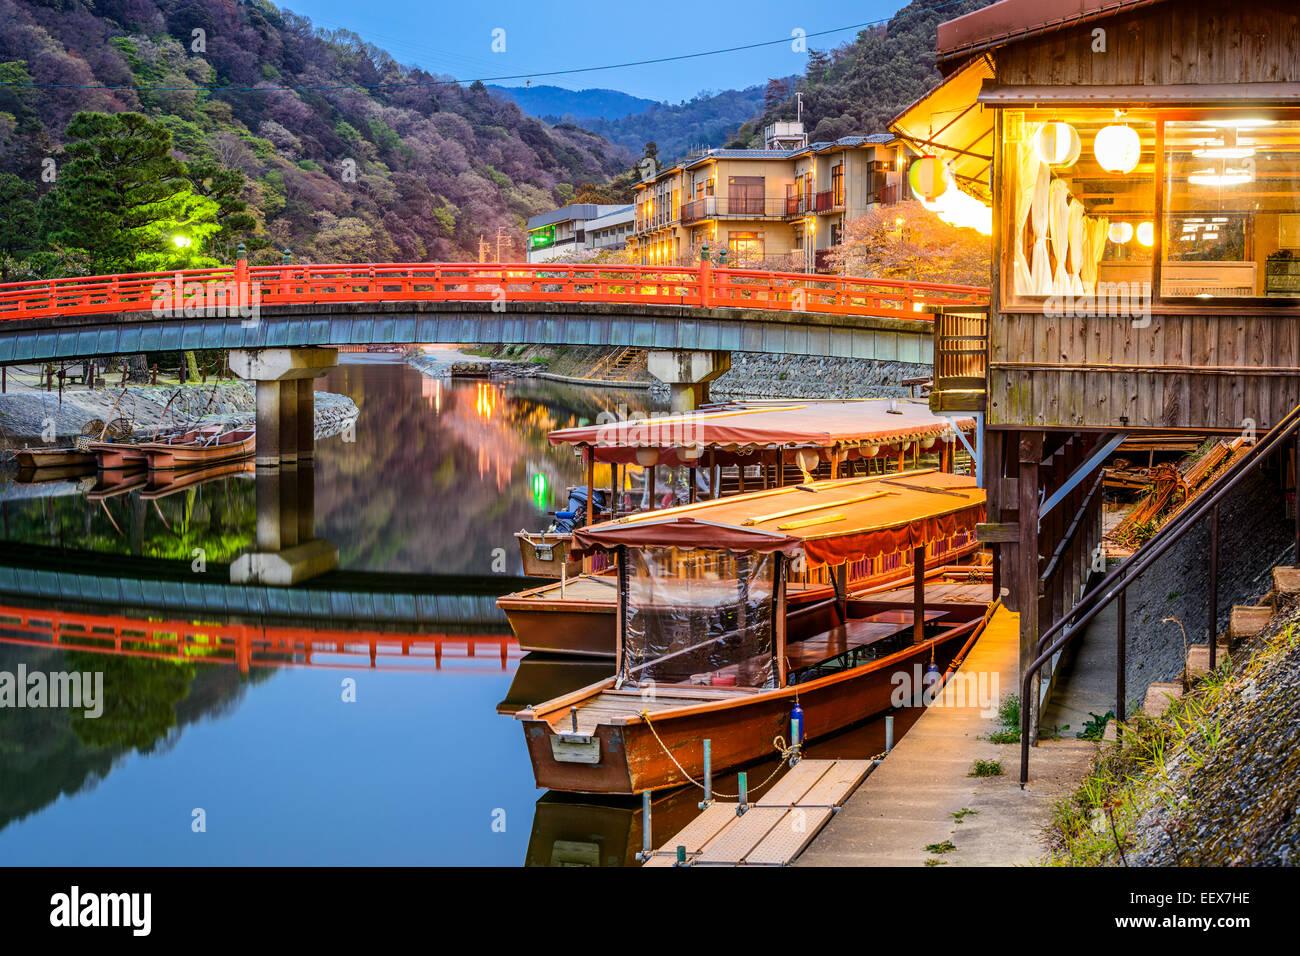 Uji, préfecture de Kyoto, le Japon sur la rivière Ujigawa. Photo Stock